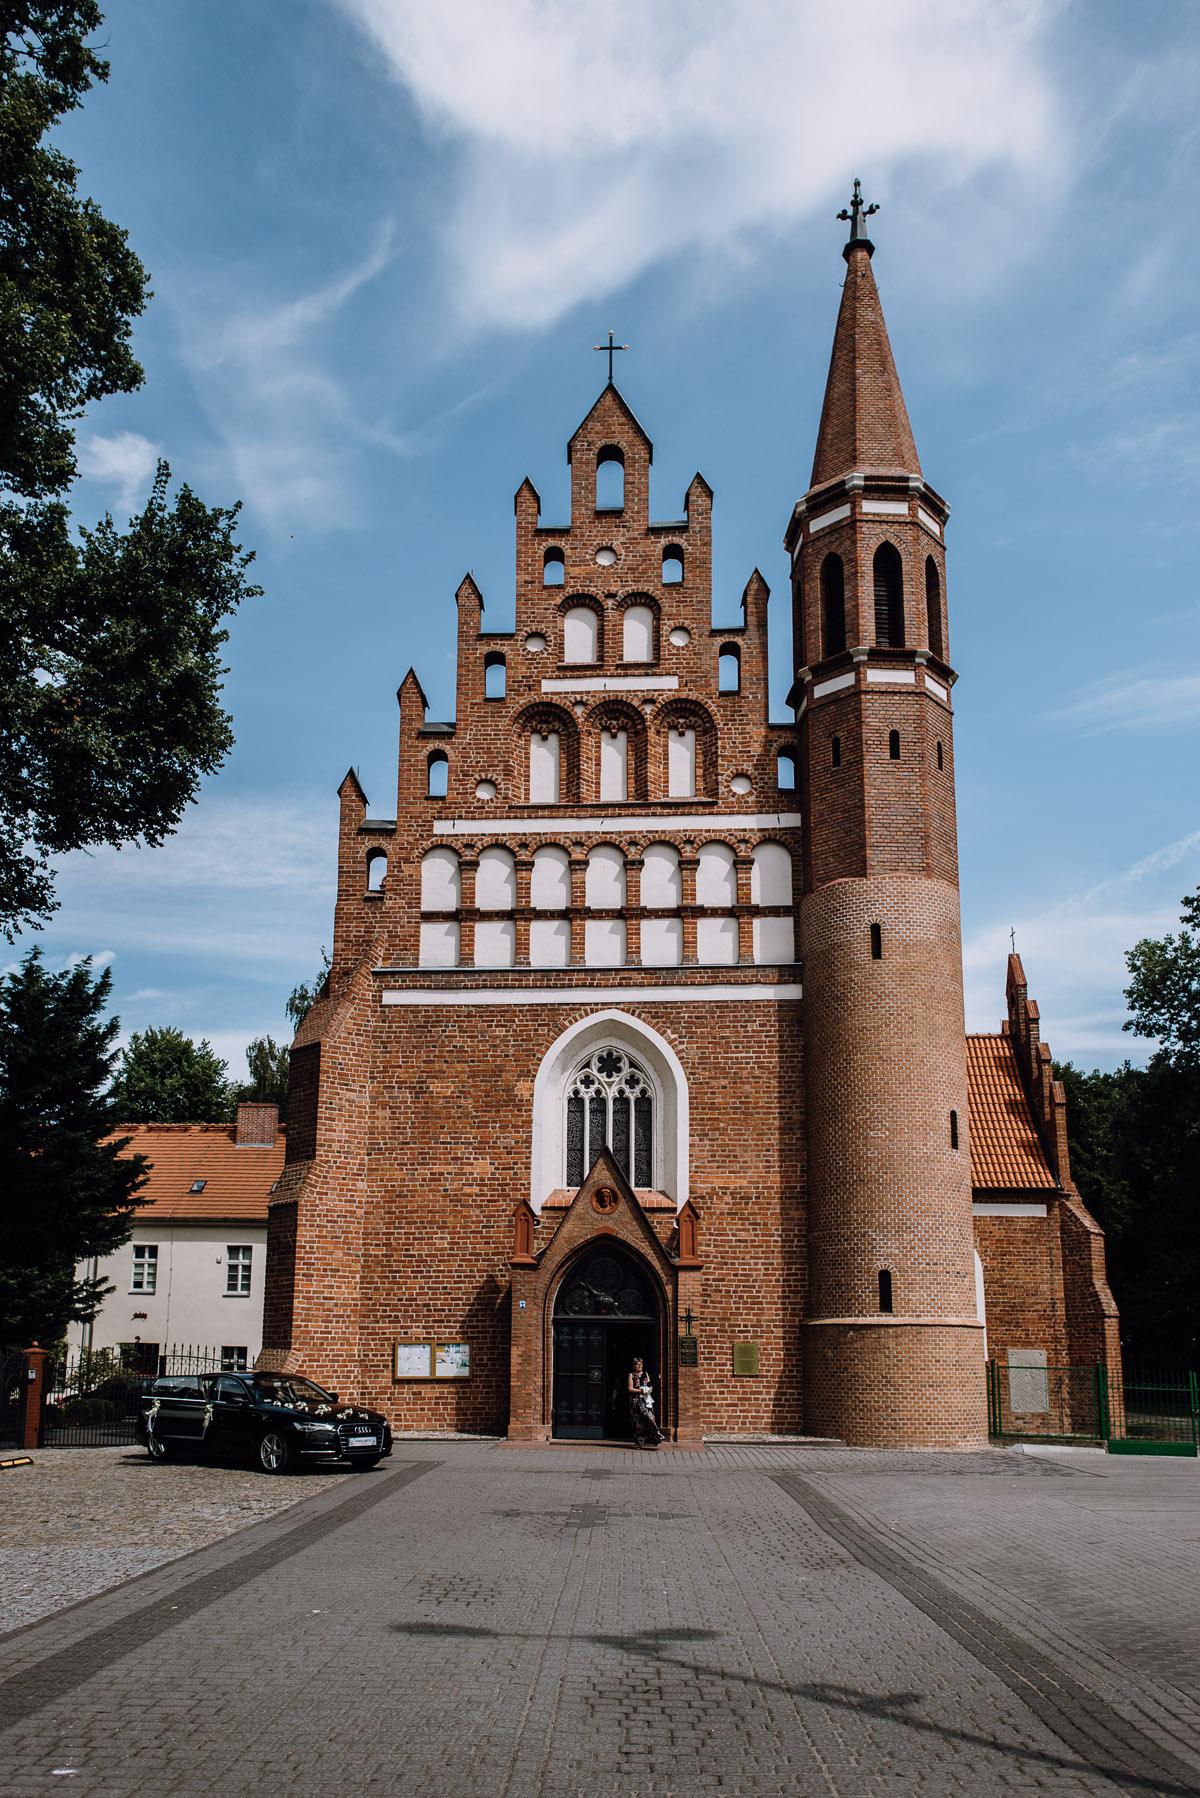 Swietliste-fotografia-slubna-Bydgoszcz-kosciol-Garnizonowy-dwor-Hulanka-Dominika-Bartosz-fotografujemy-emocje-038